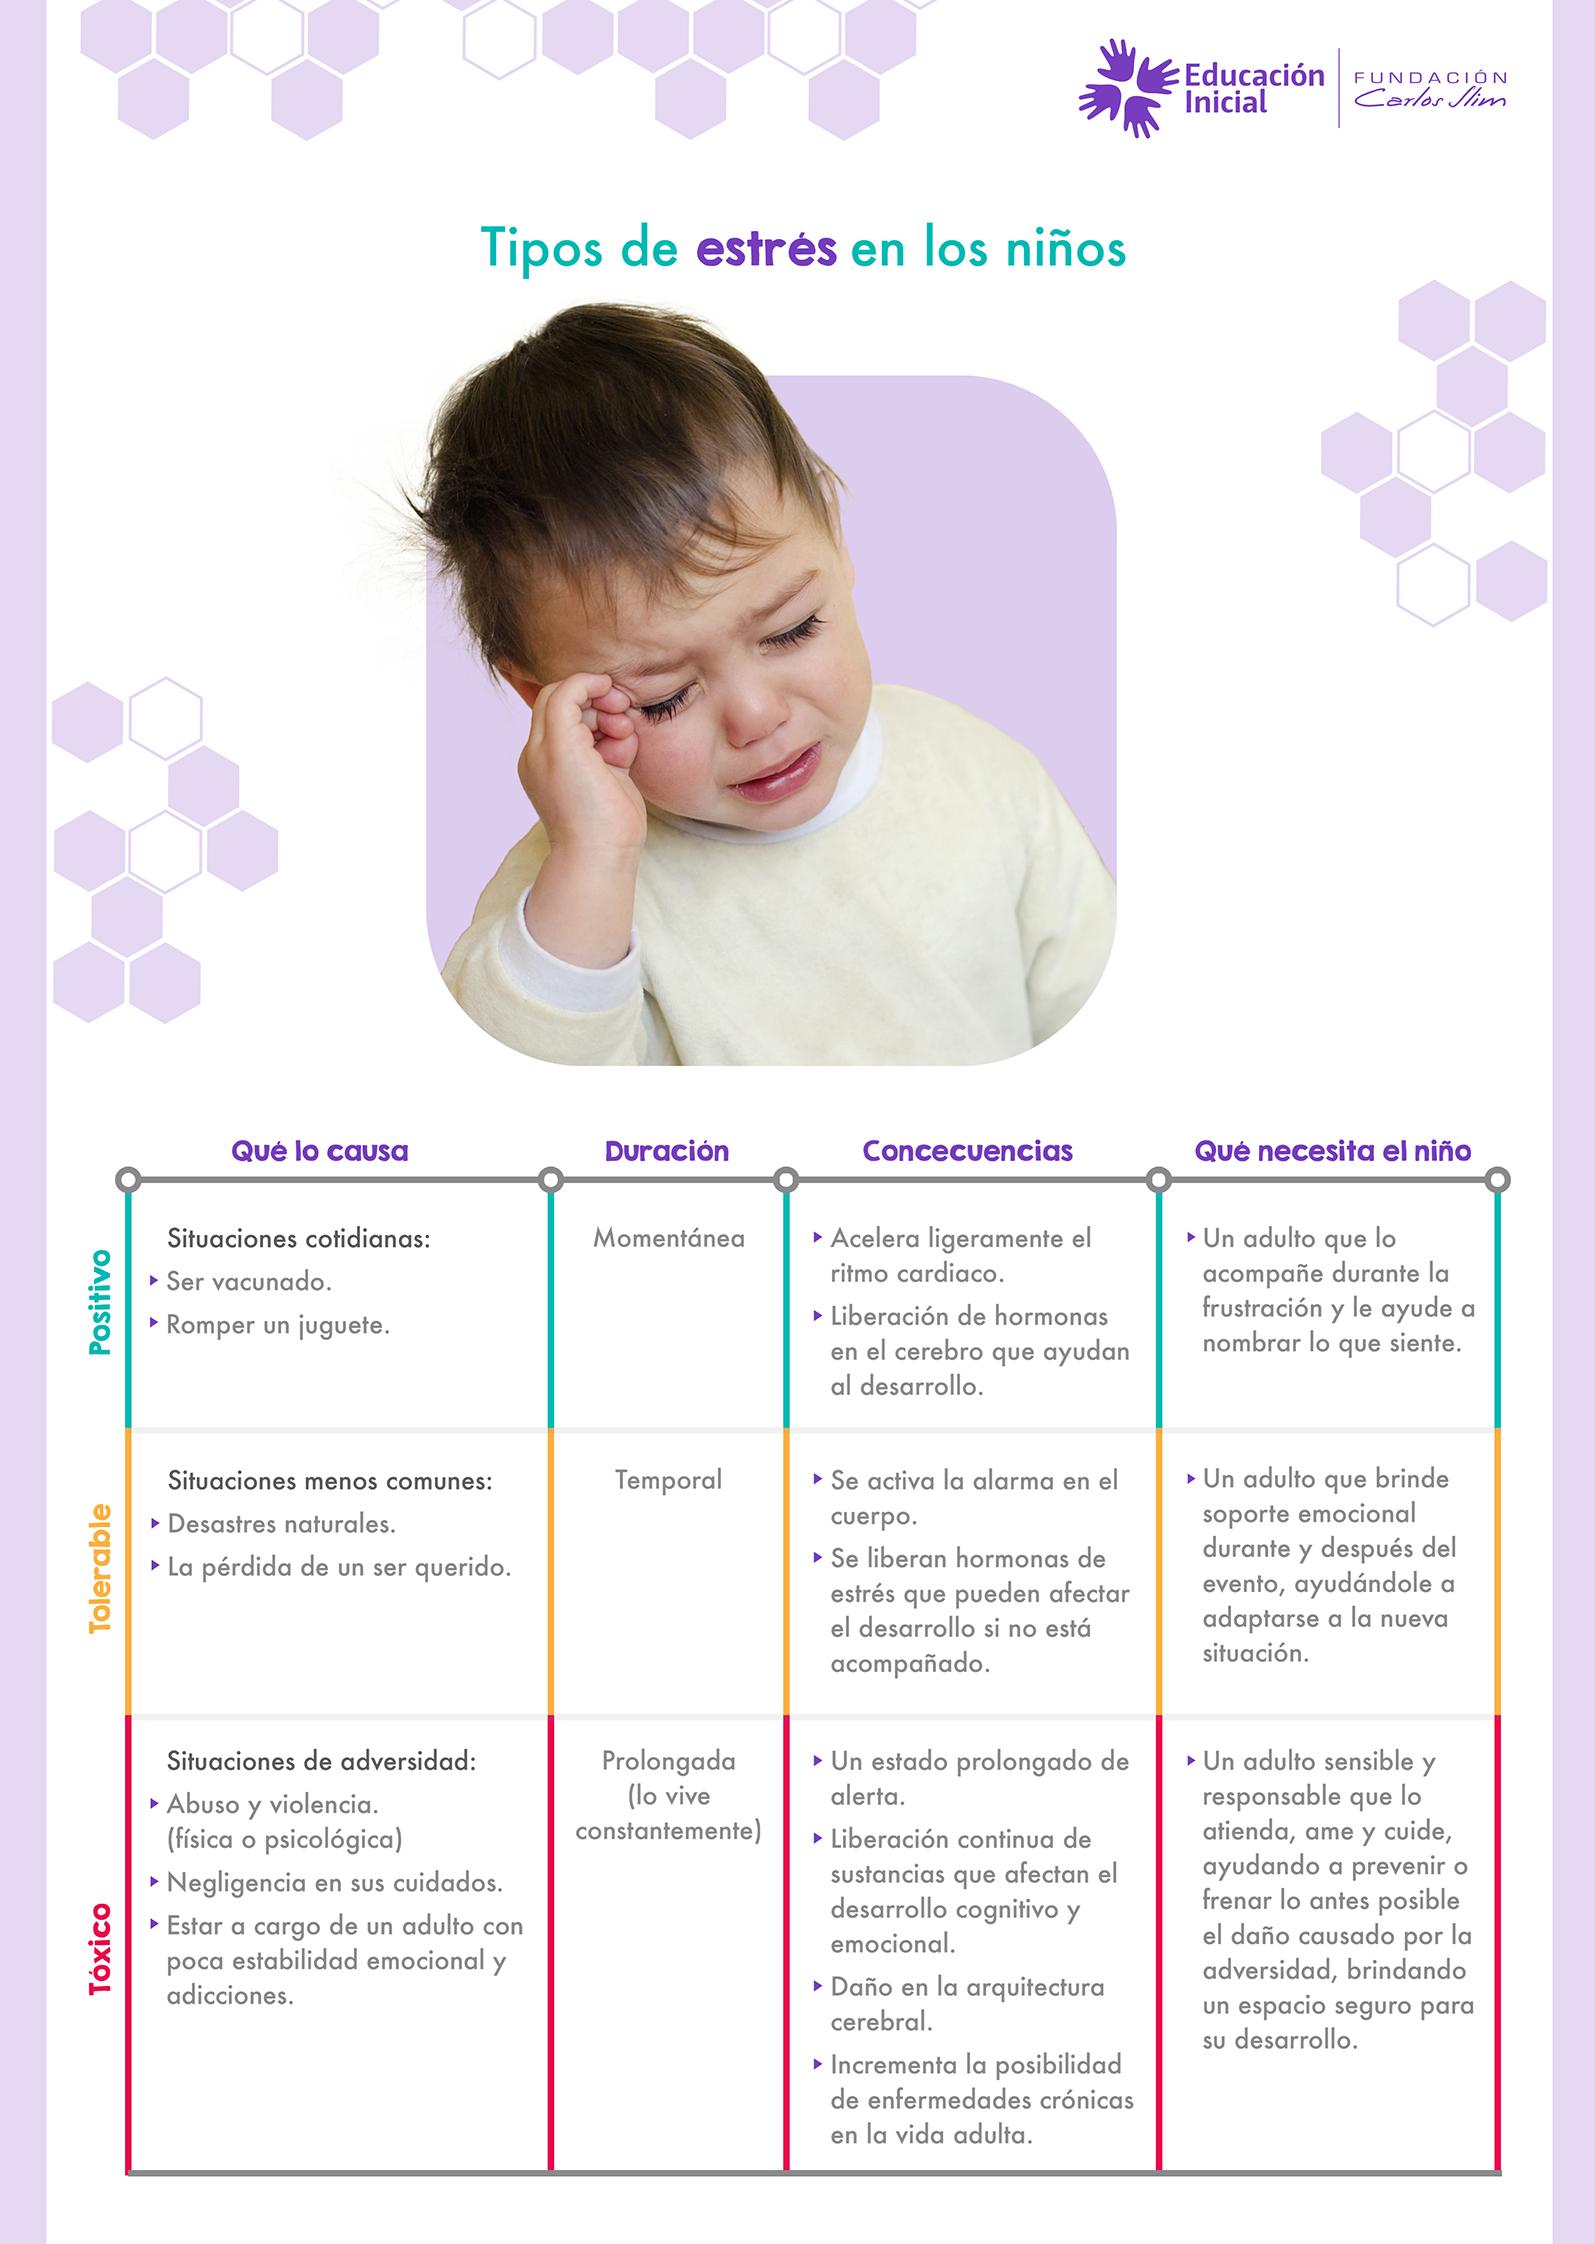 3. Tipos de estrés en los niños_s